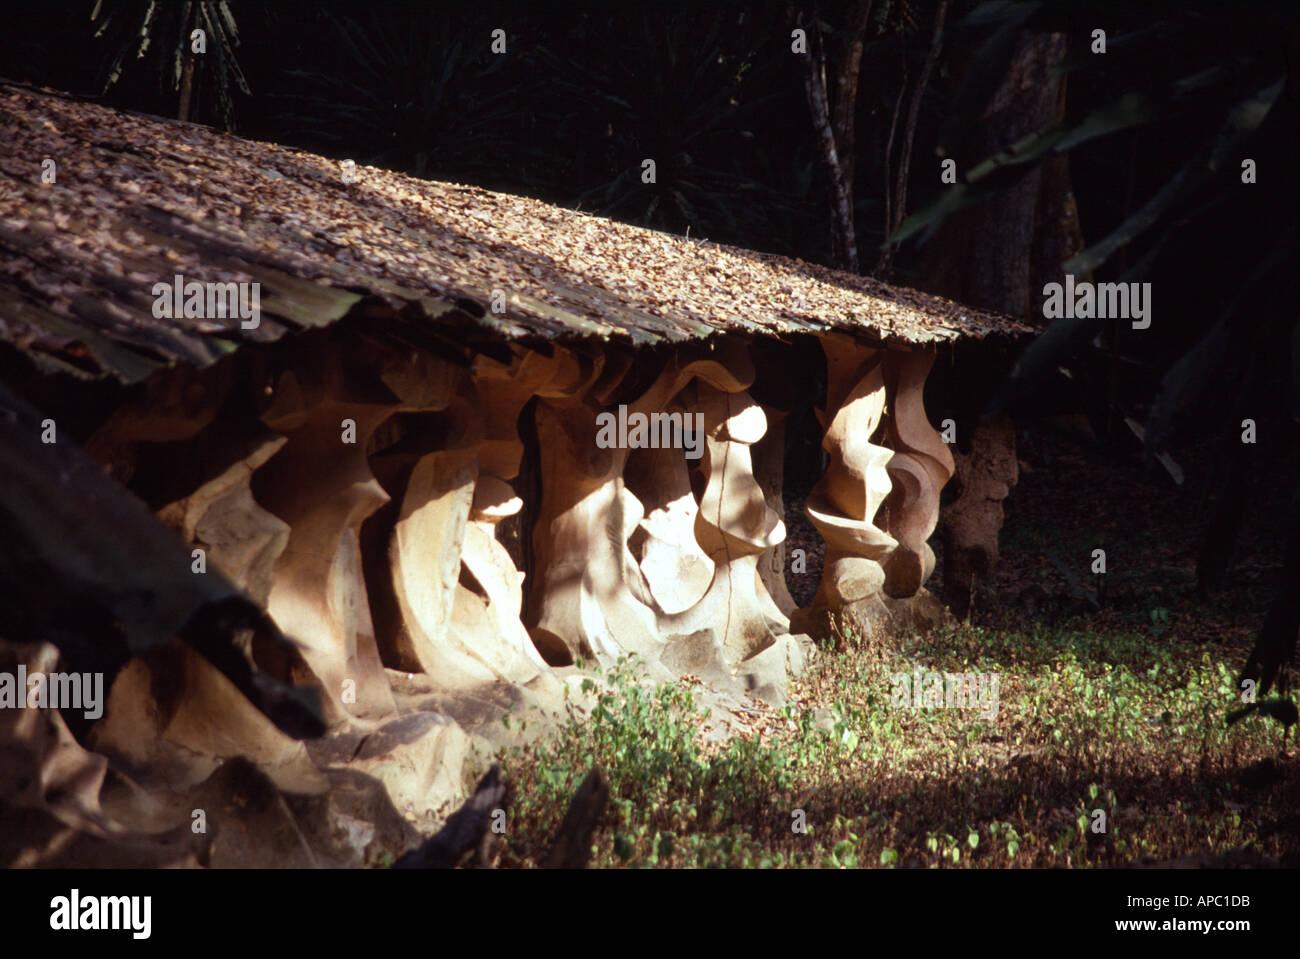 Nigeria shrine stock photos images